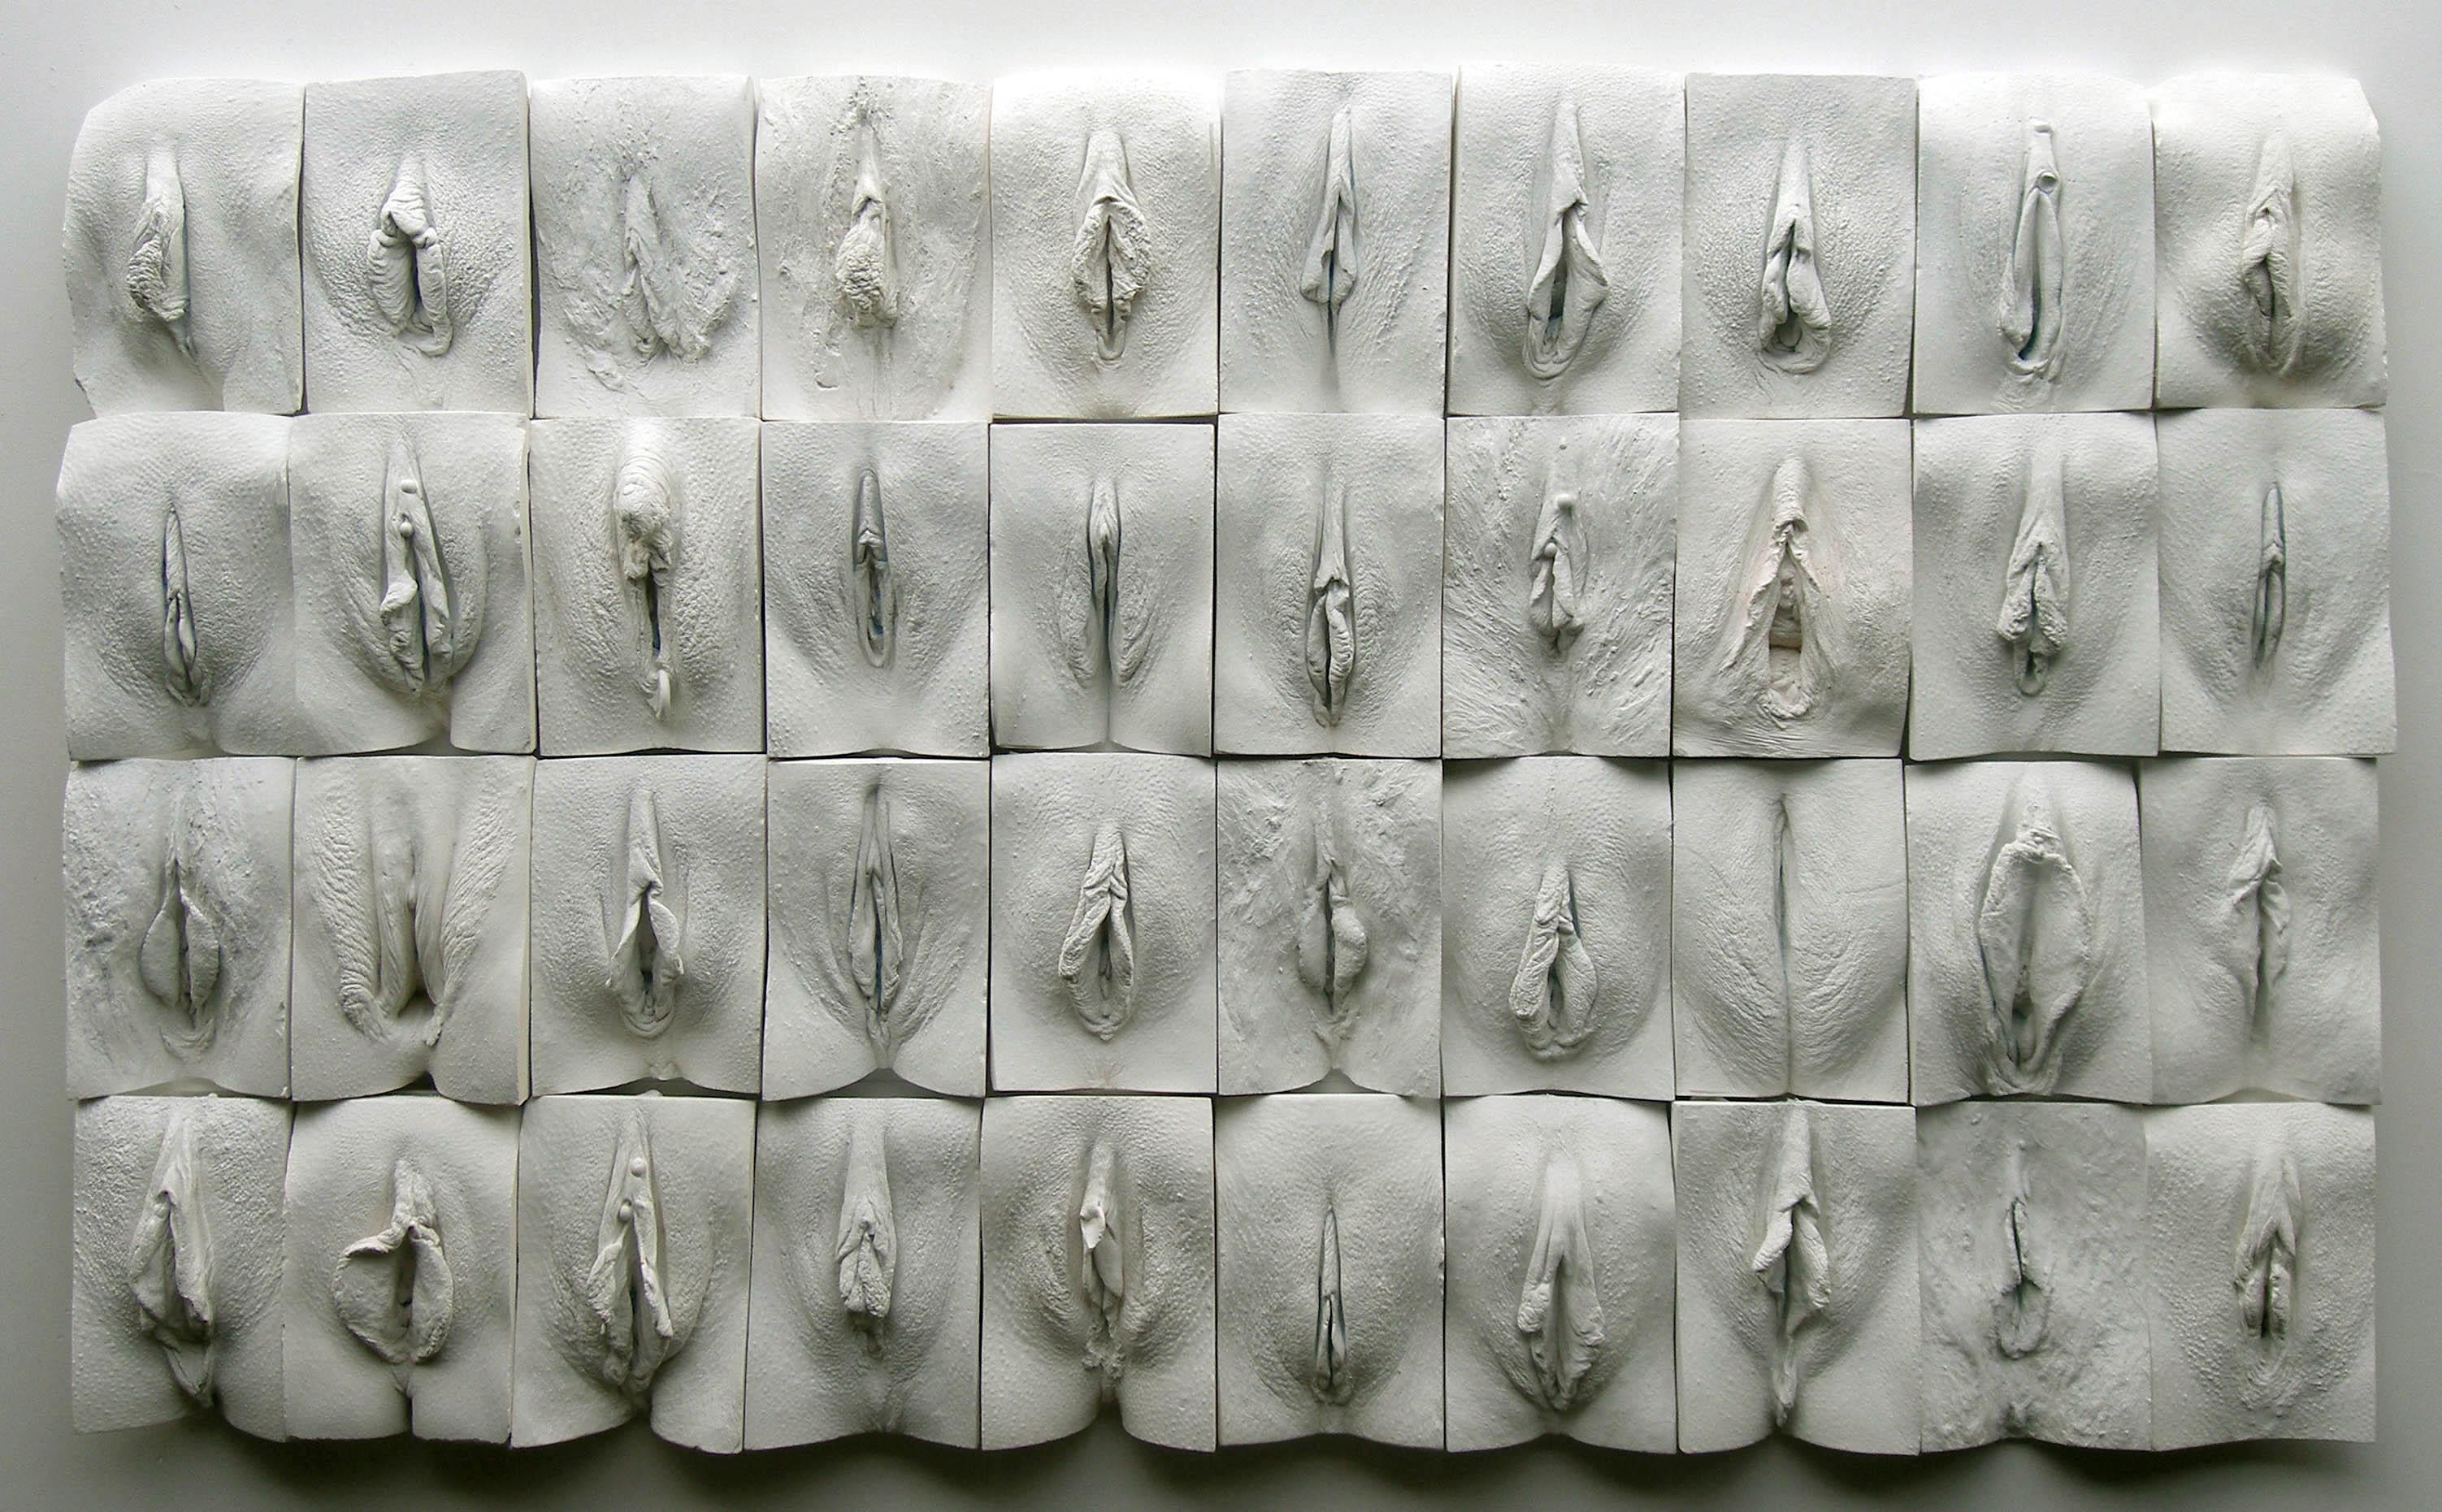 Форма вагин у женщин 5 фотография